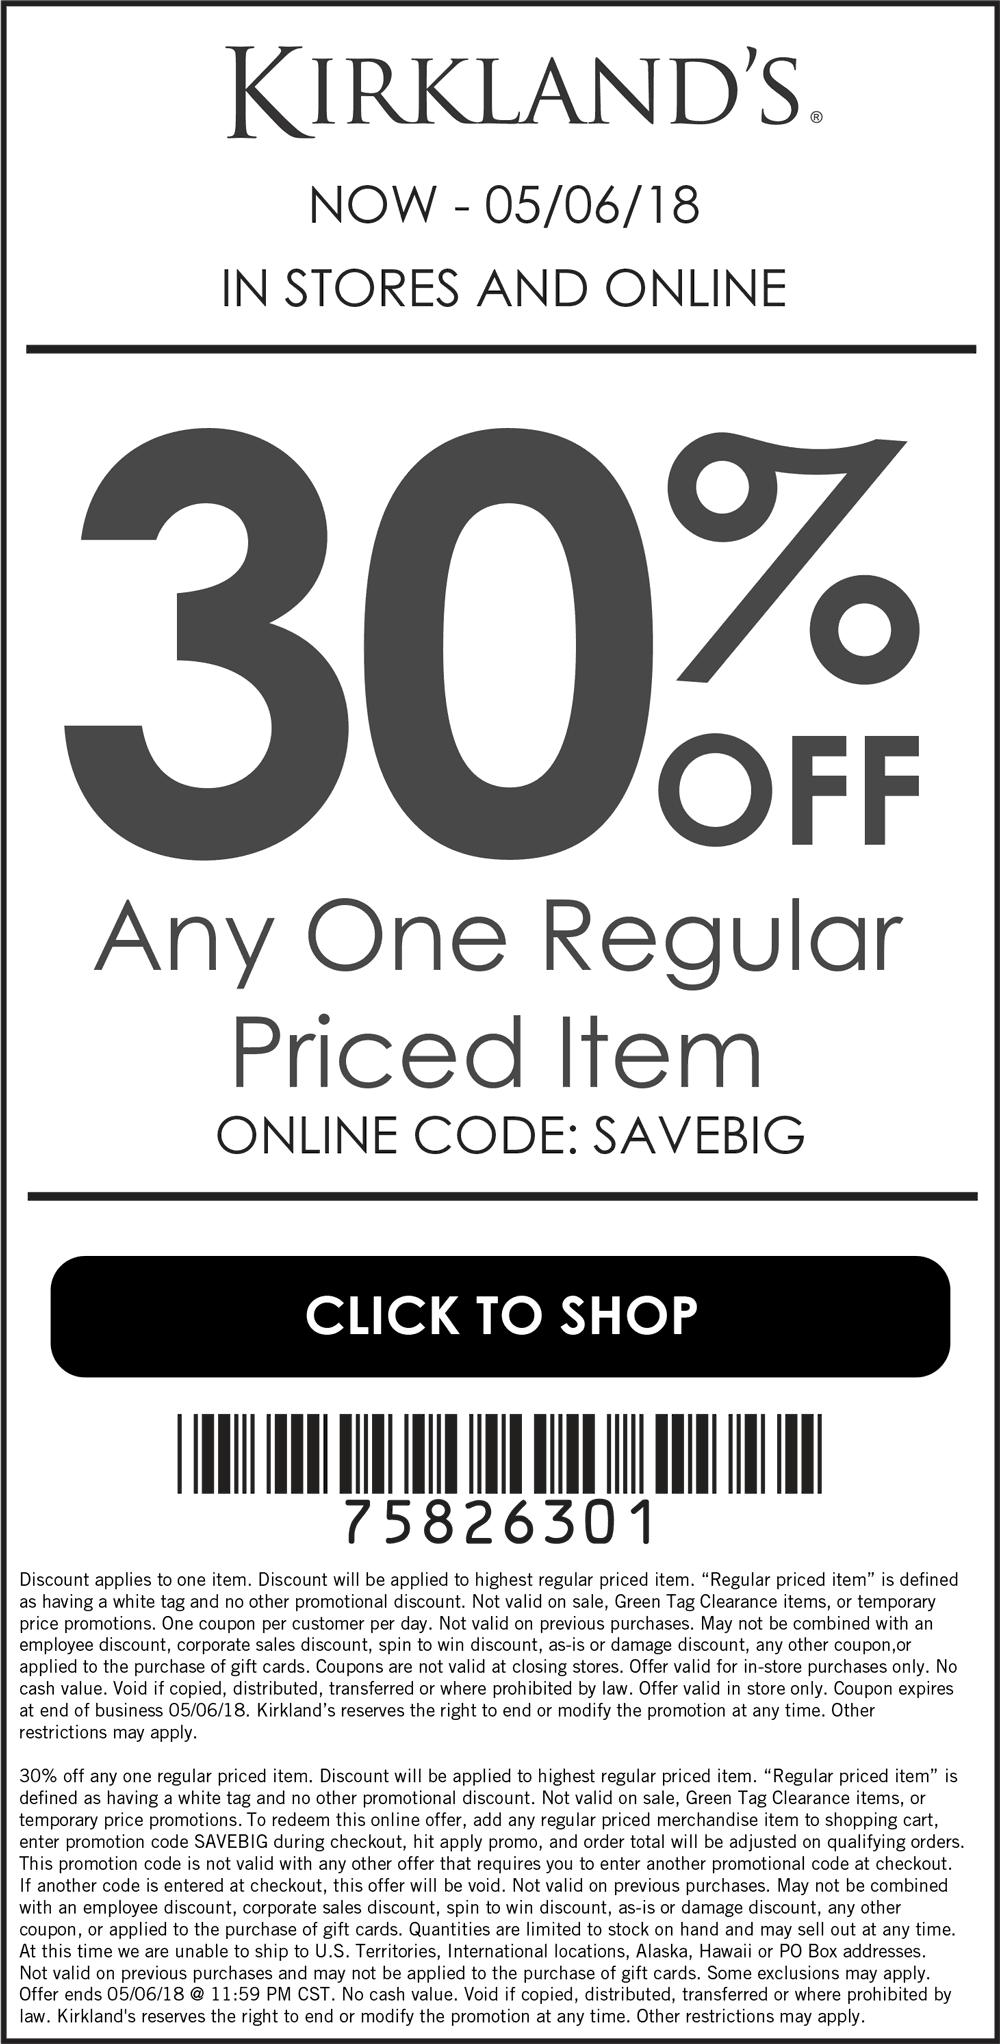 Kirklands Coupon March 2019 30% off a single item at Kirklands, or online via promo code SAVEBIG